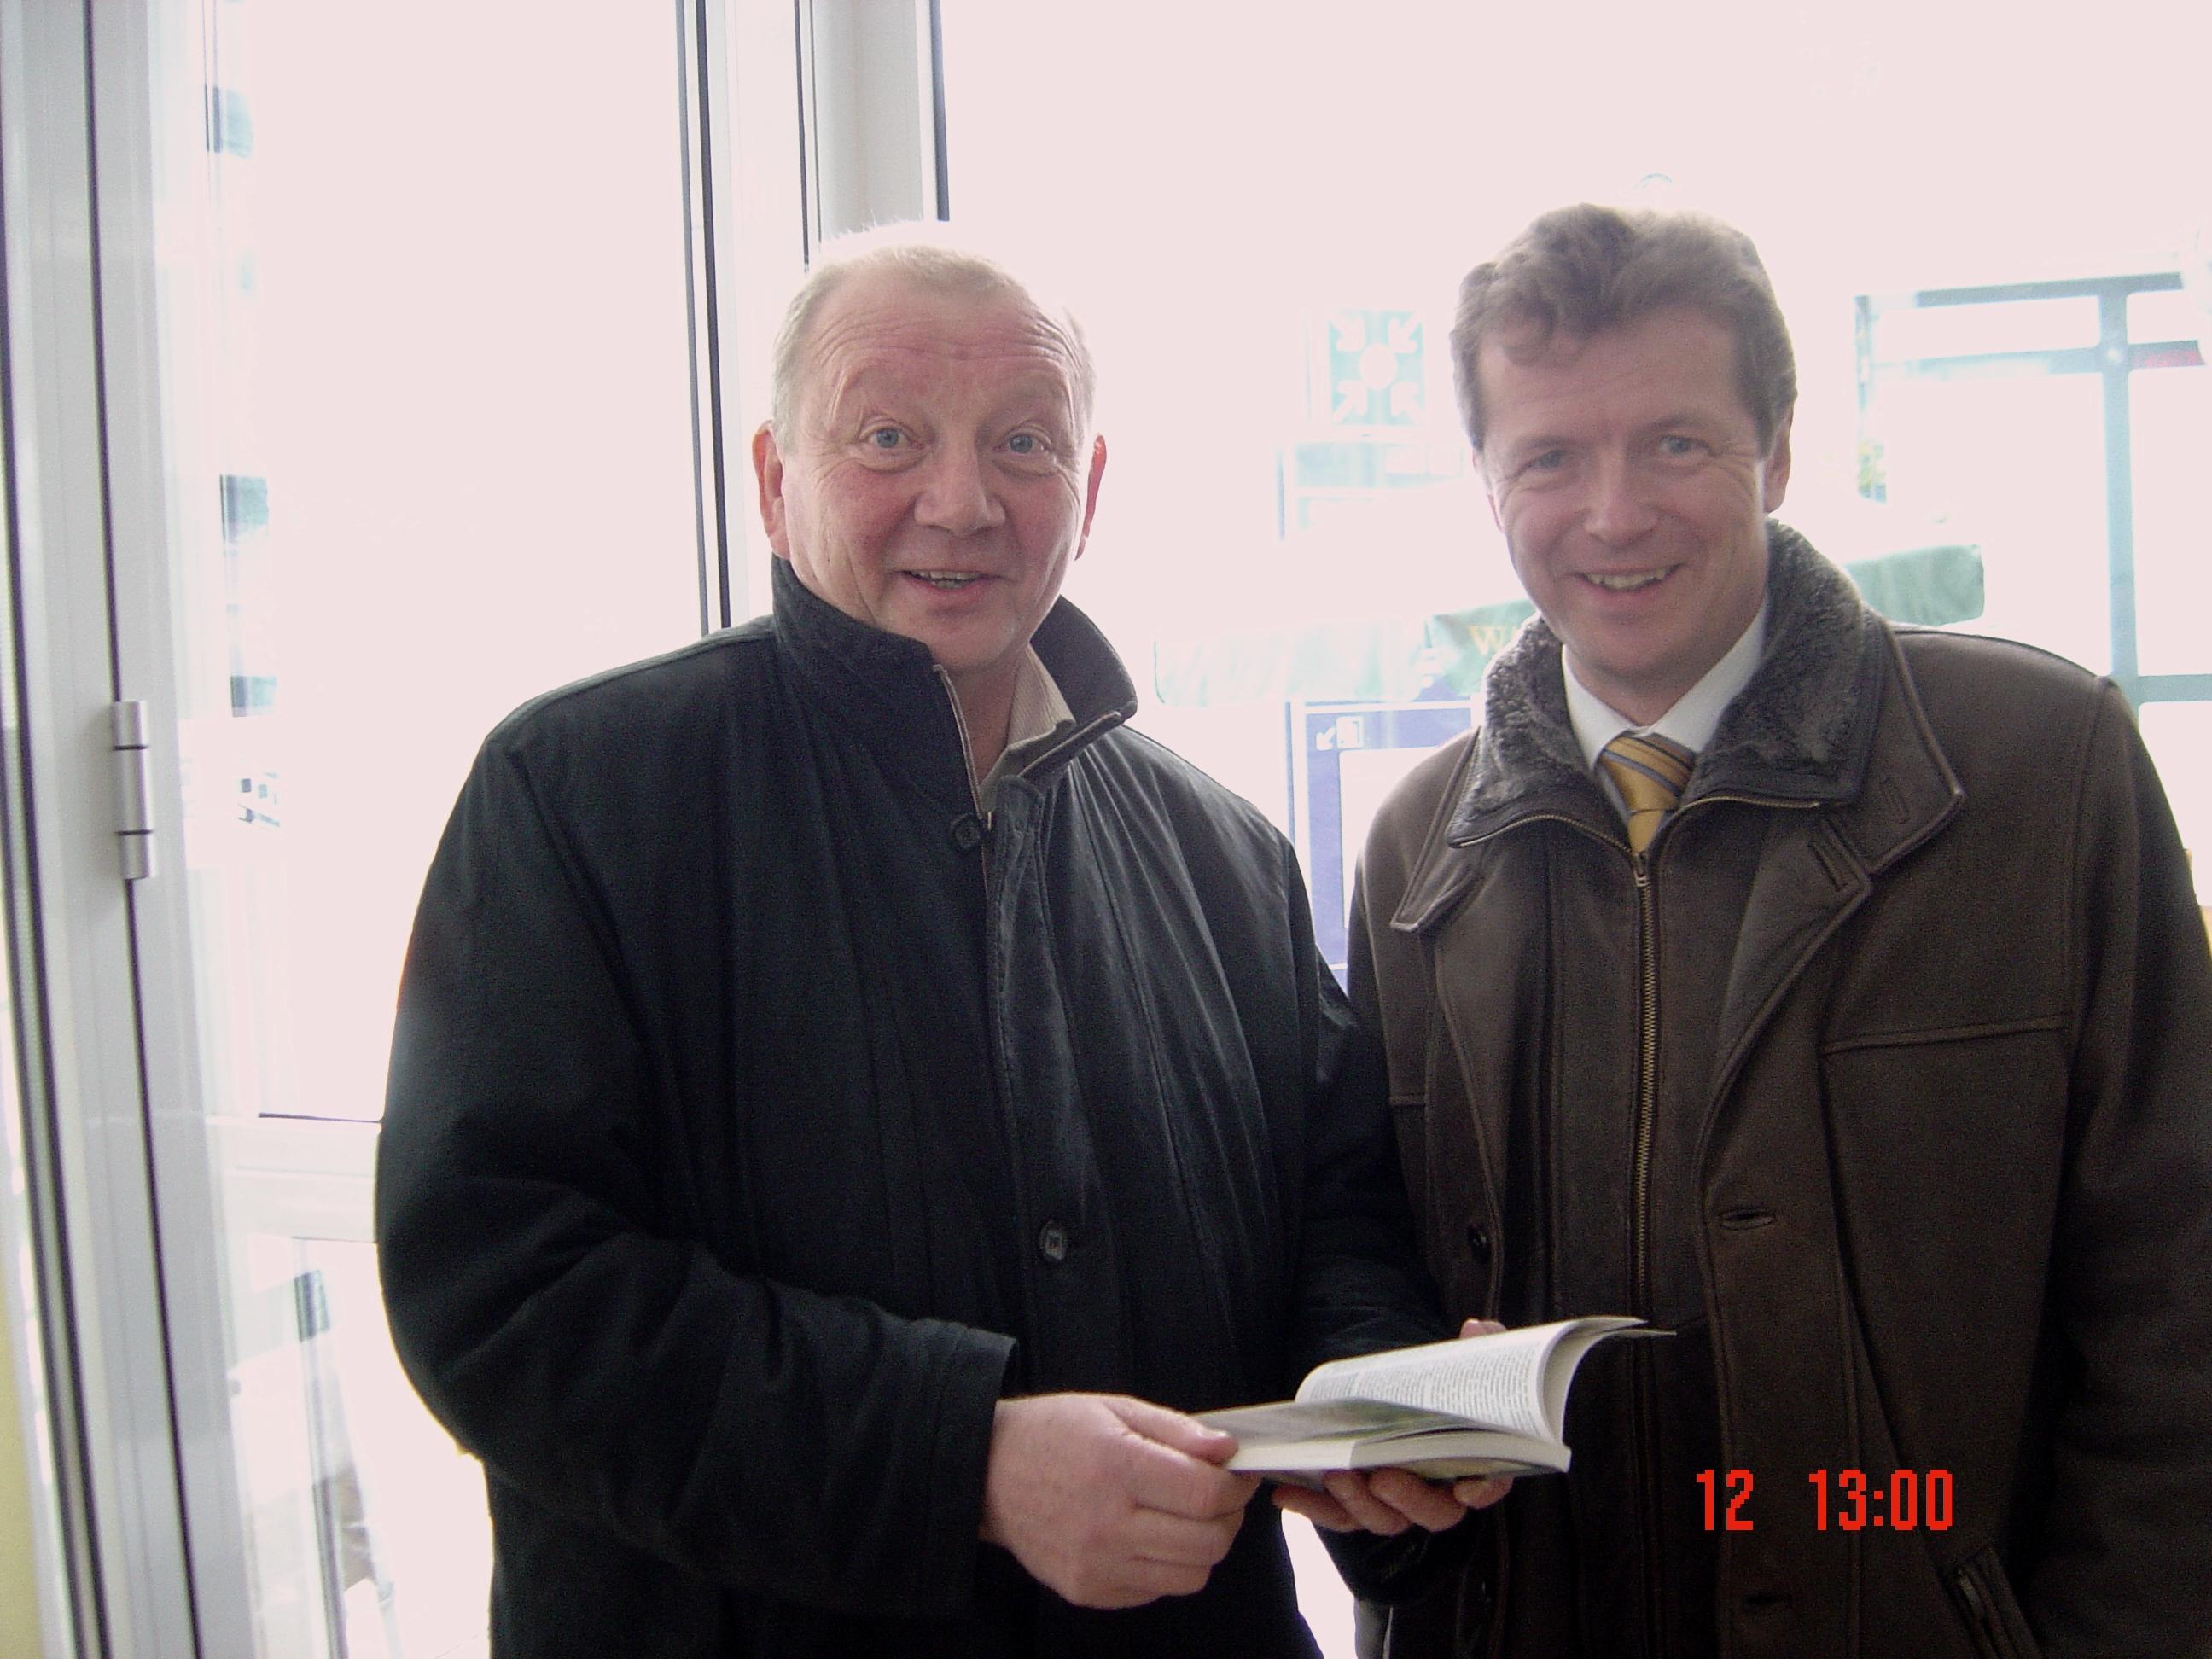 Marian Koppe und Uwe Barth unterwegs im Kreis SLF-RU